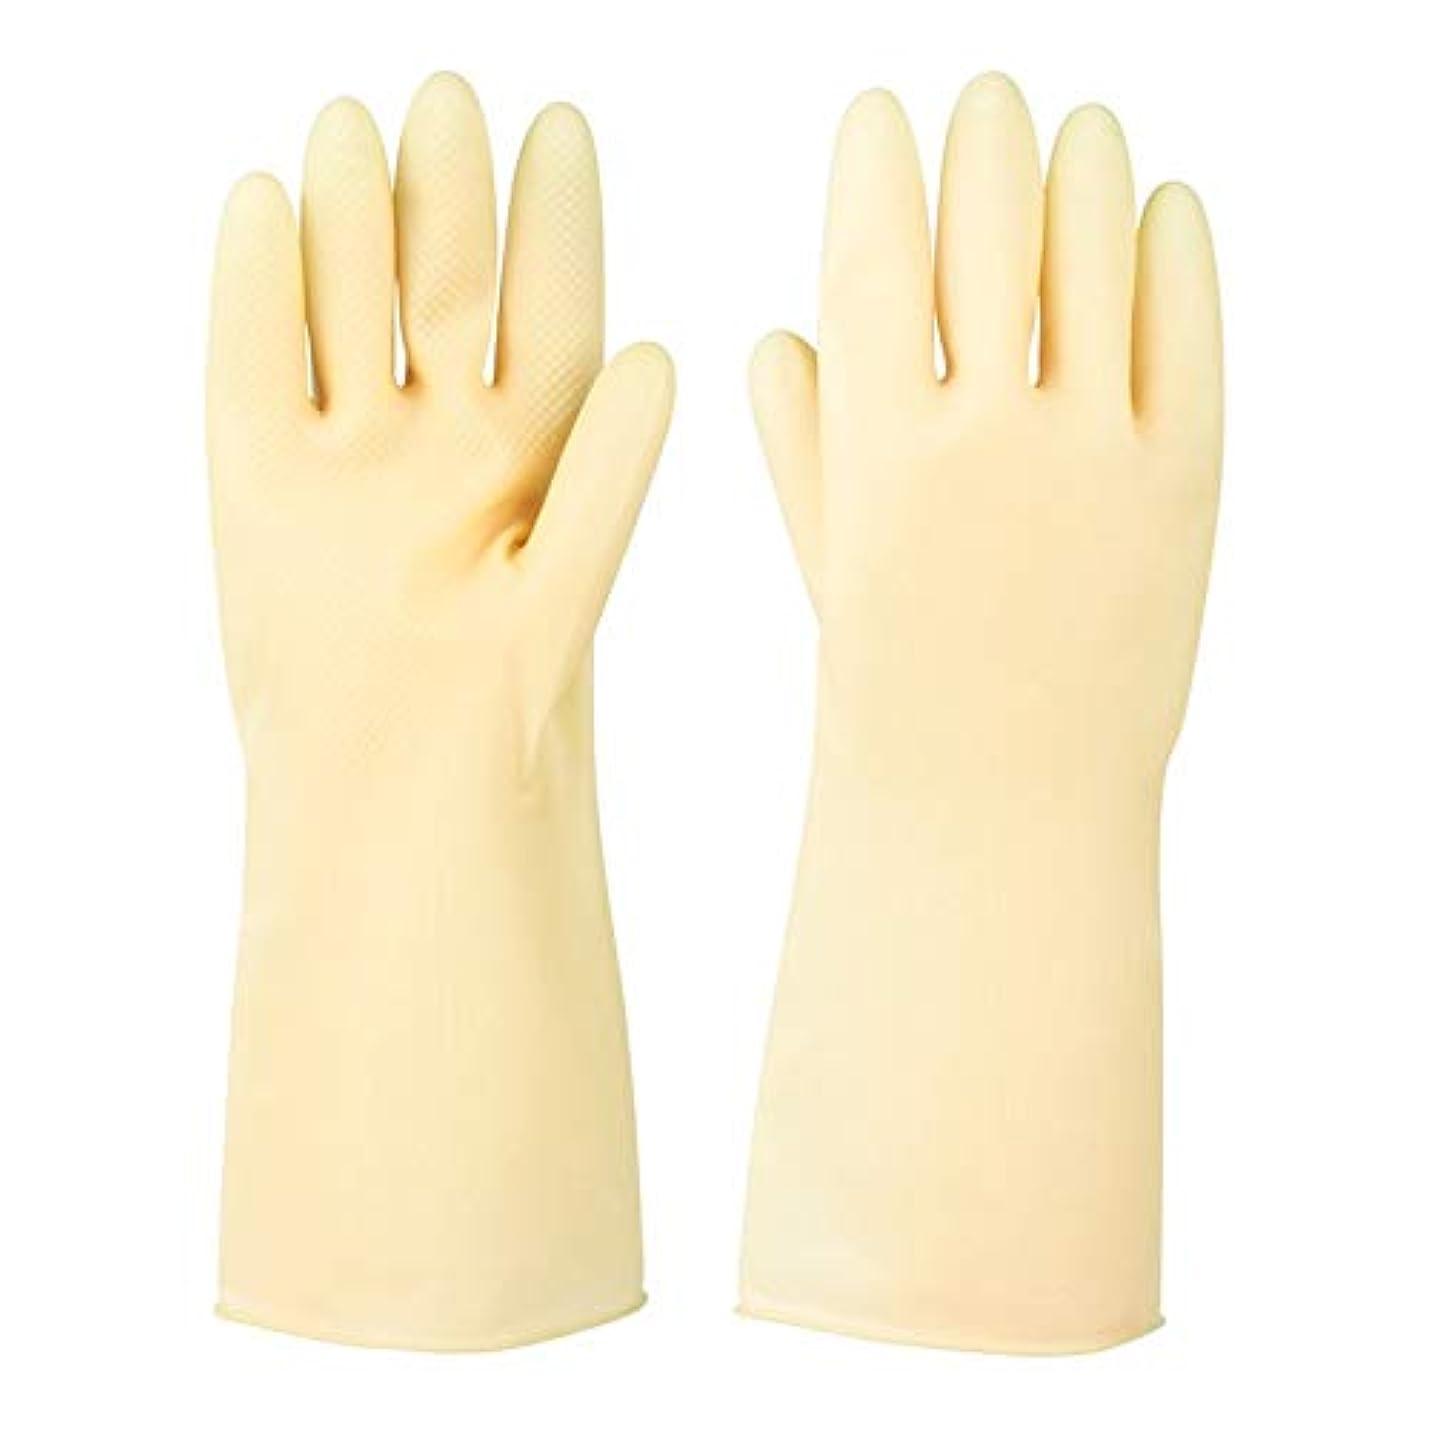 ほぼドルヘビニトリルゴム手袋 ラバーレザーグローブ厚めの滑り止め耐摩耗性防水保護手袋、5ペア 使い捨て手袋 (Color : 5 pair, Size : S)